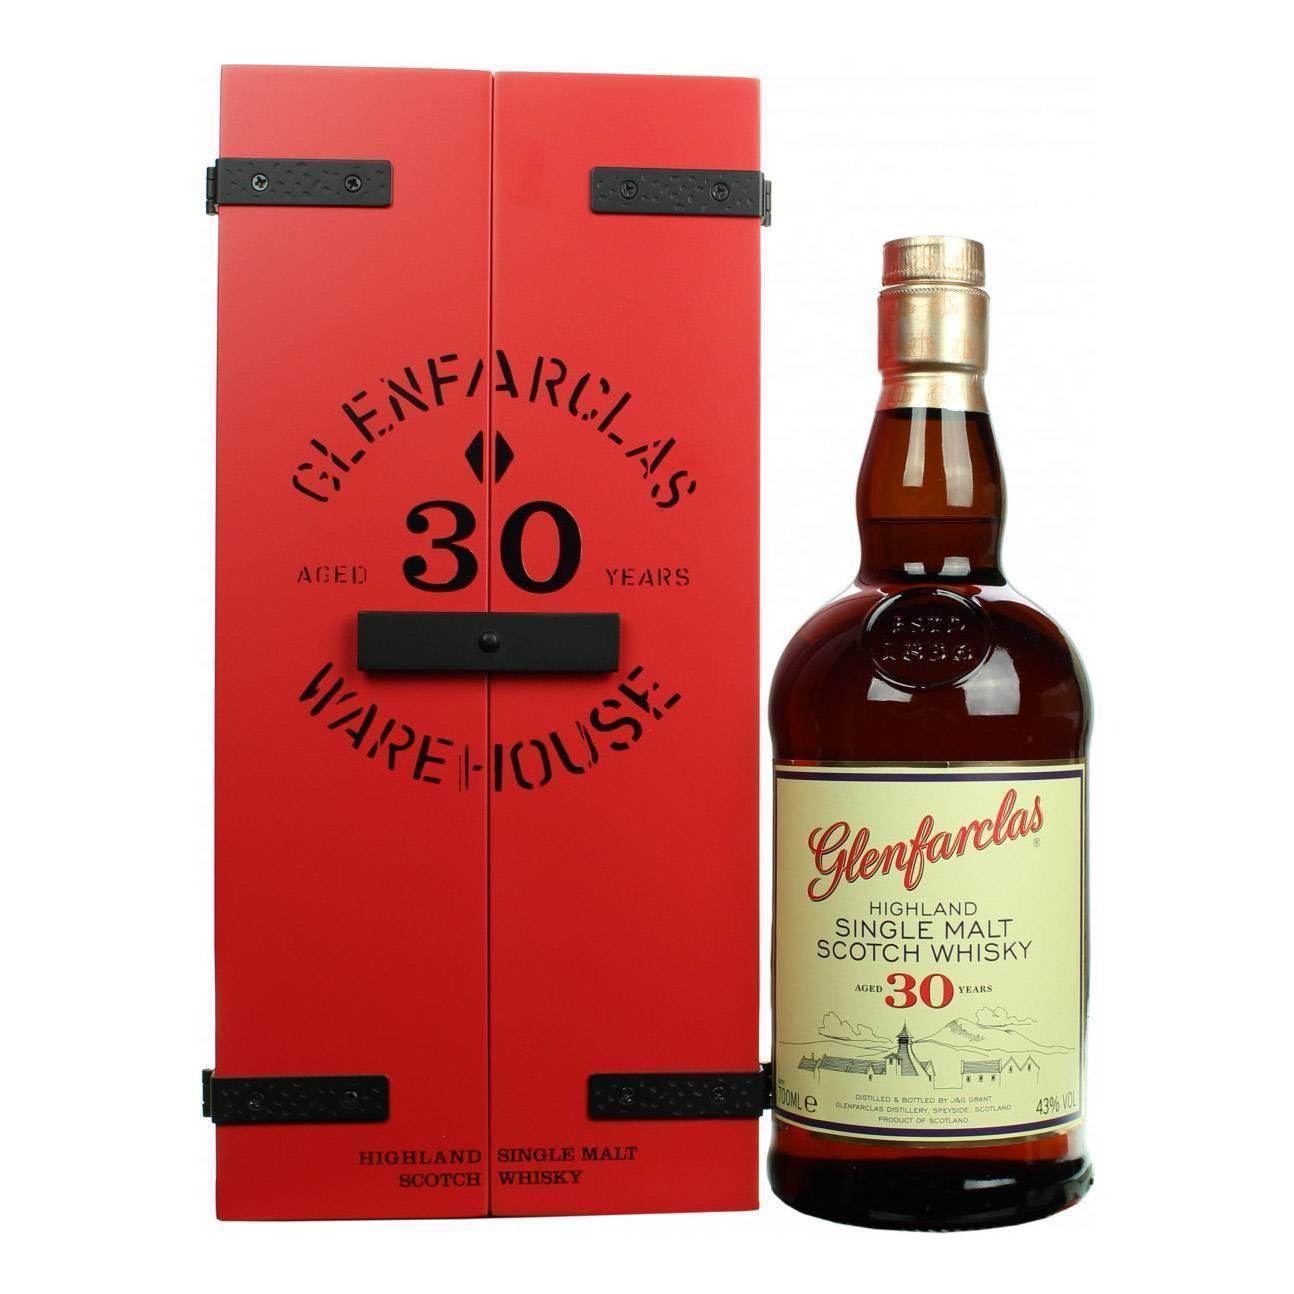 Виски гленфарклас (glenfarclas): описание и виды марки